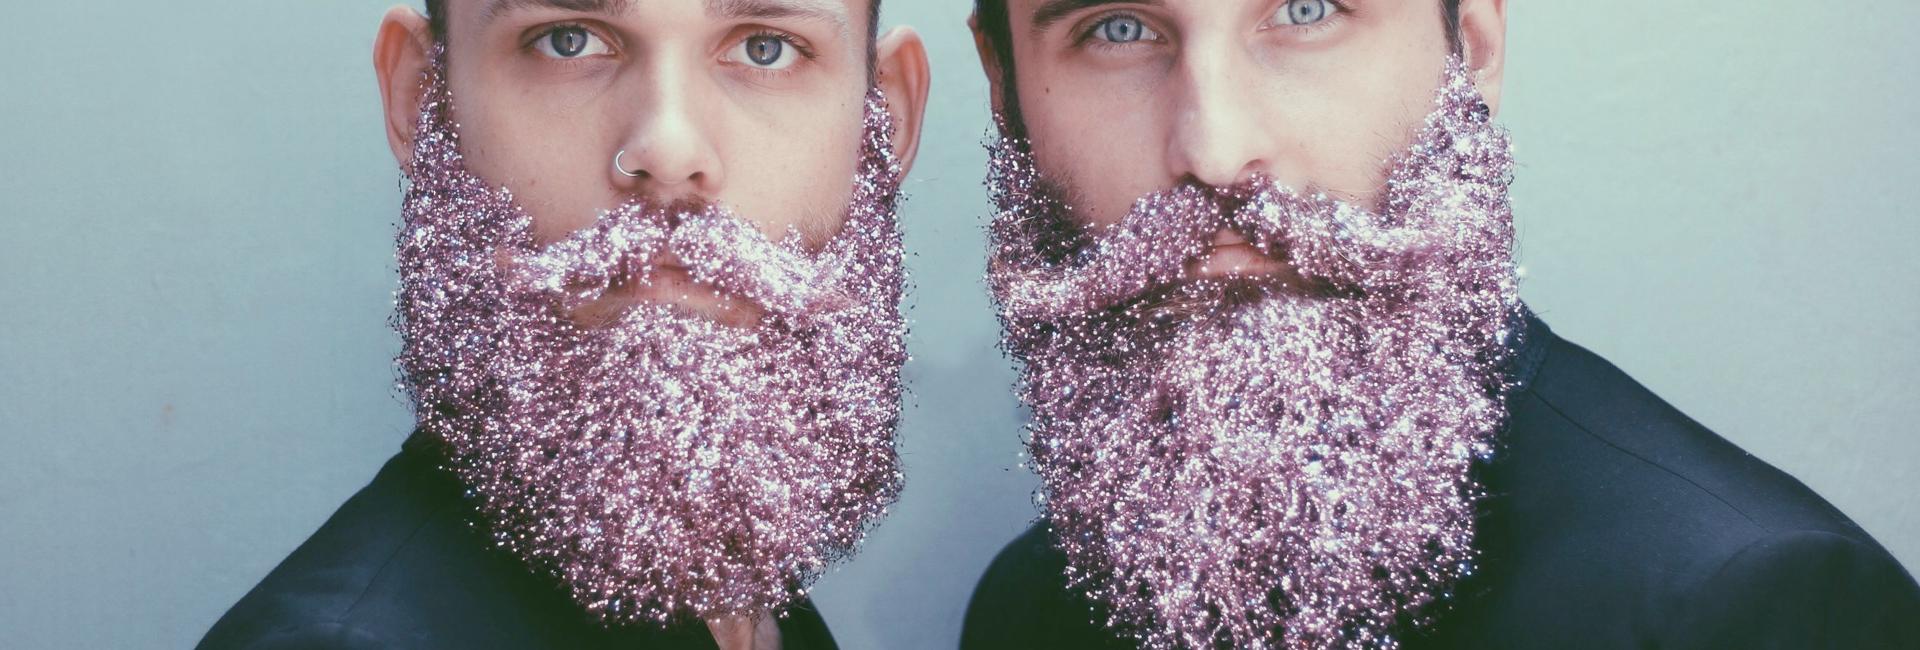 Glitter beard for Christmas ?